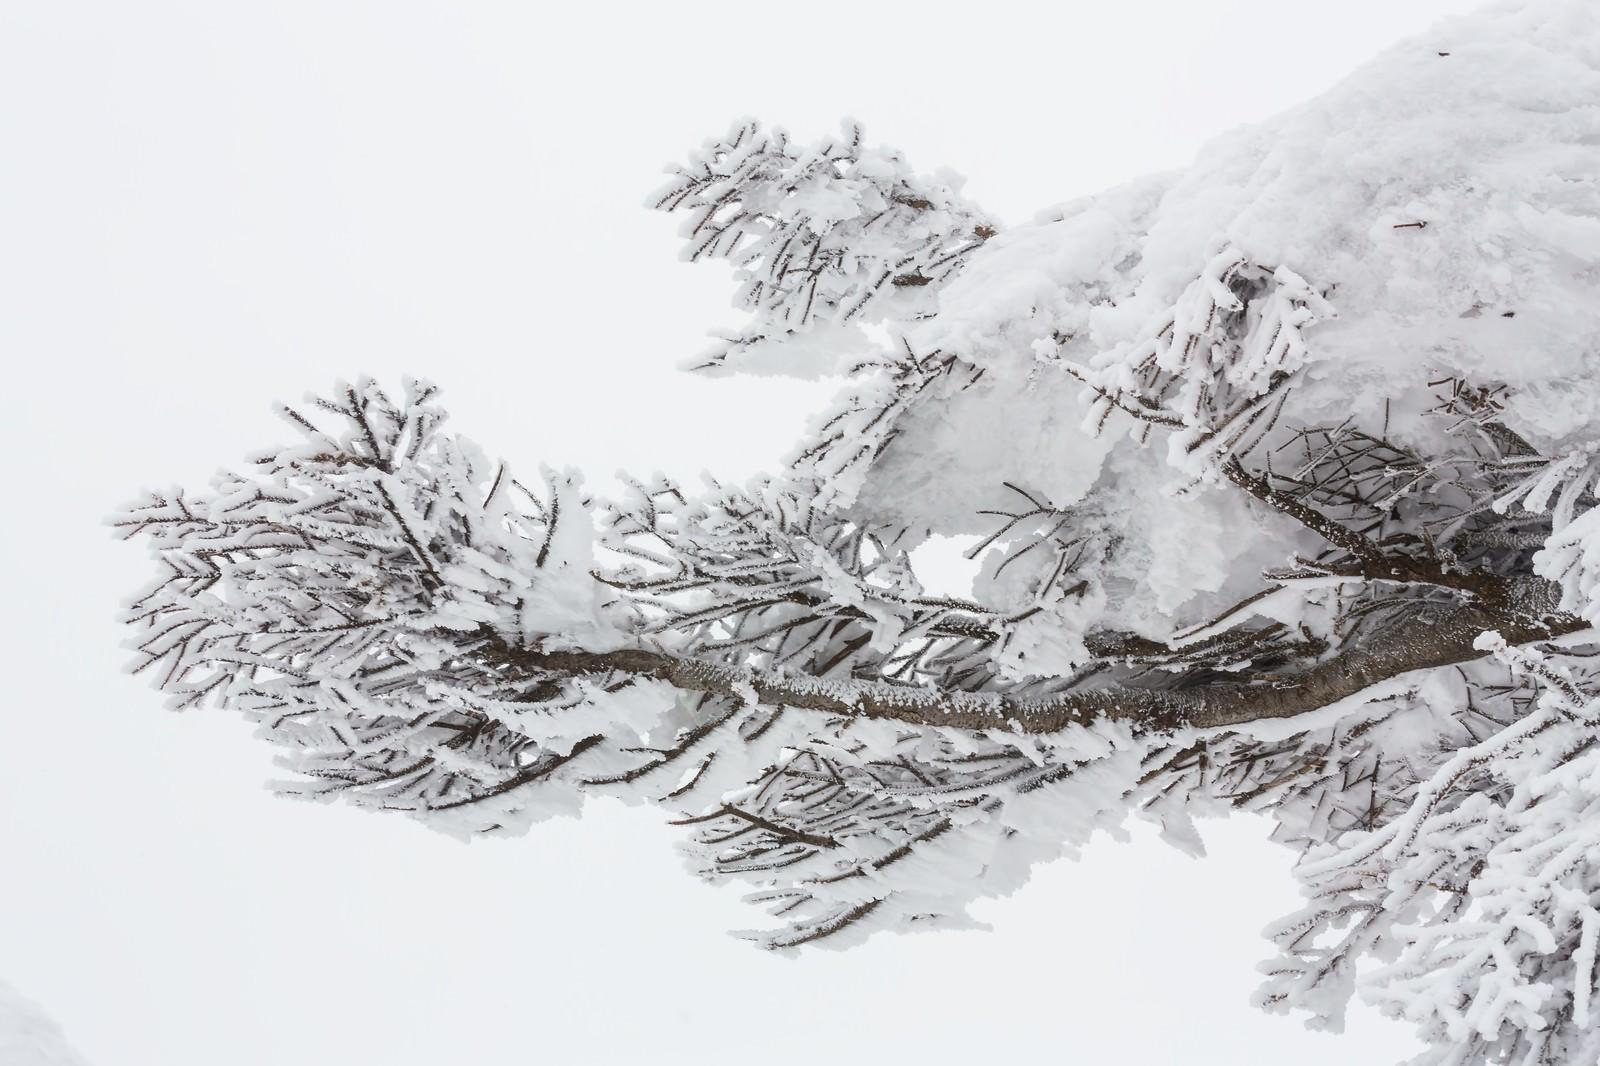 「蔵王の樹氷蔵王の樹氷」のフリー写真素材を拡大